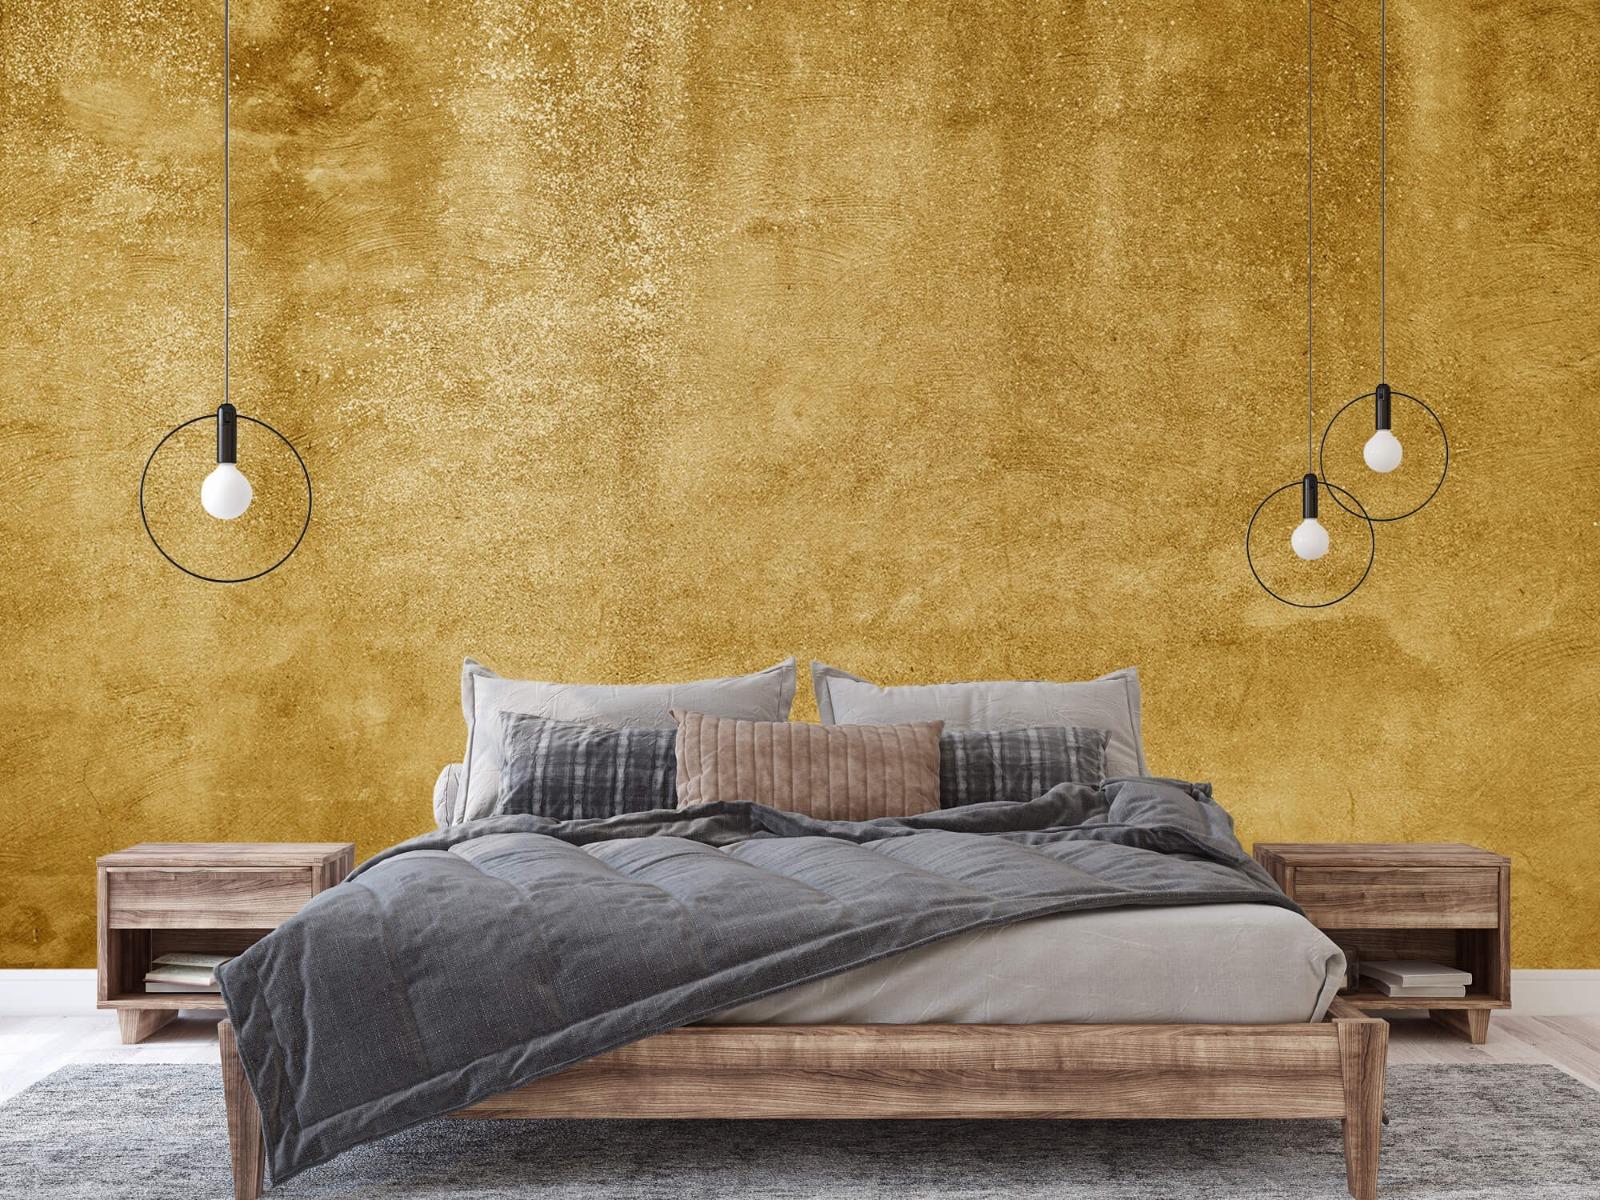 Betonoptik Tapete - Ockerhaltiger gelber Beton auf Fototapete - Wohnzimmer 3